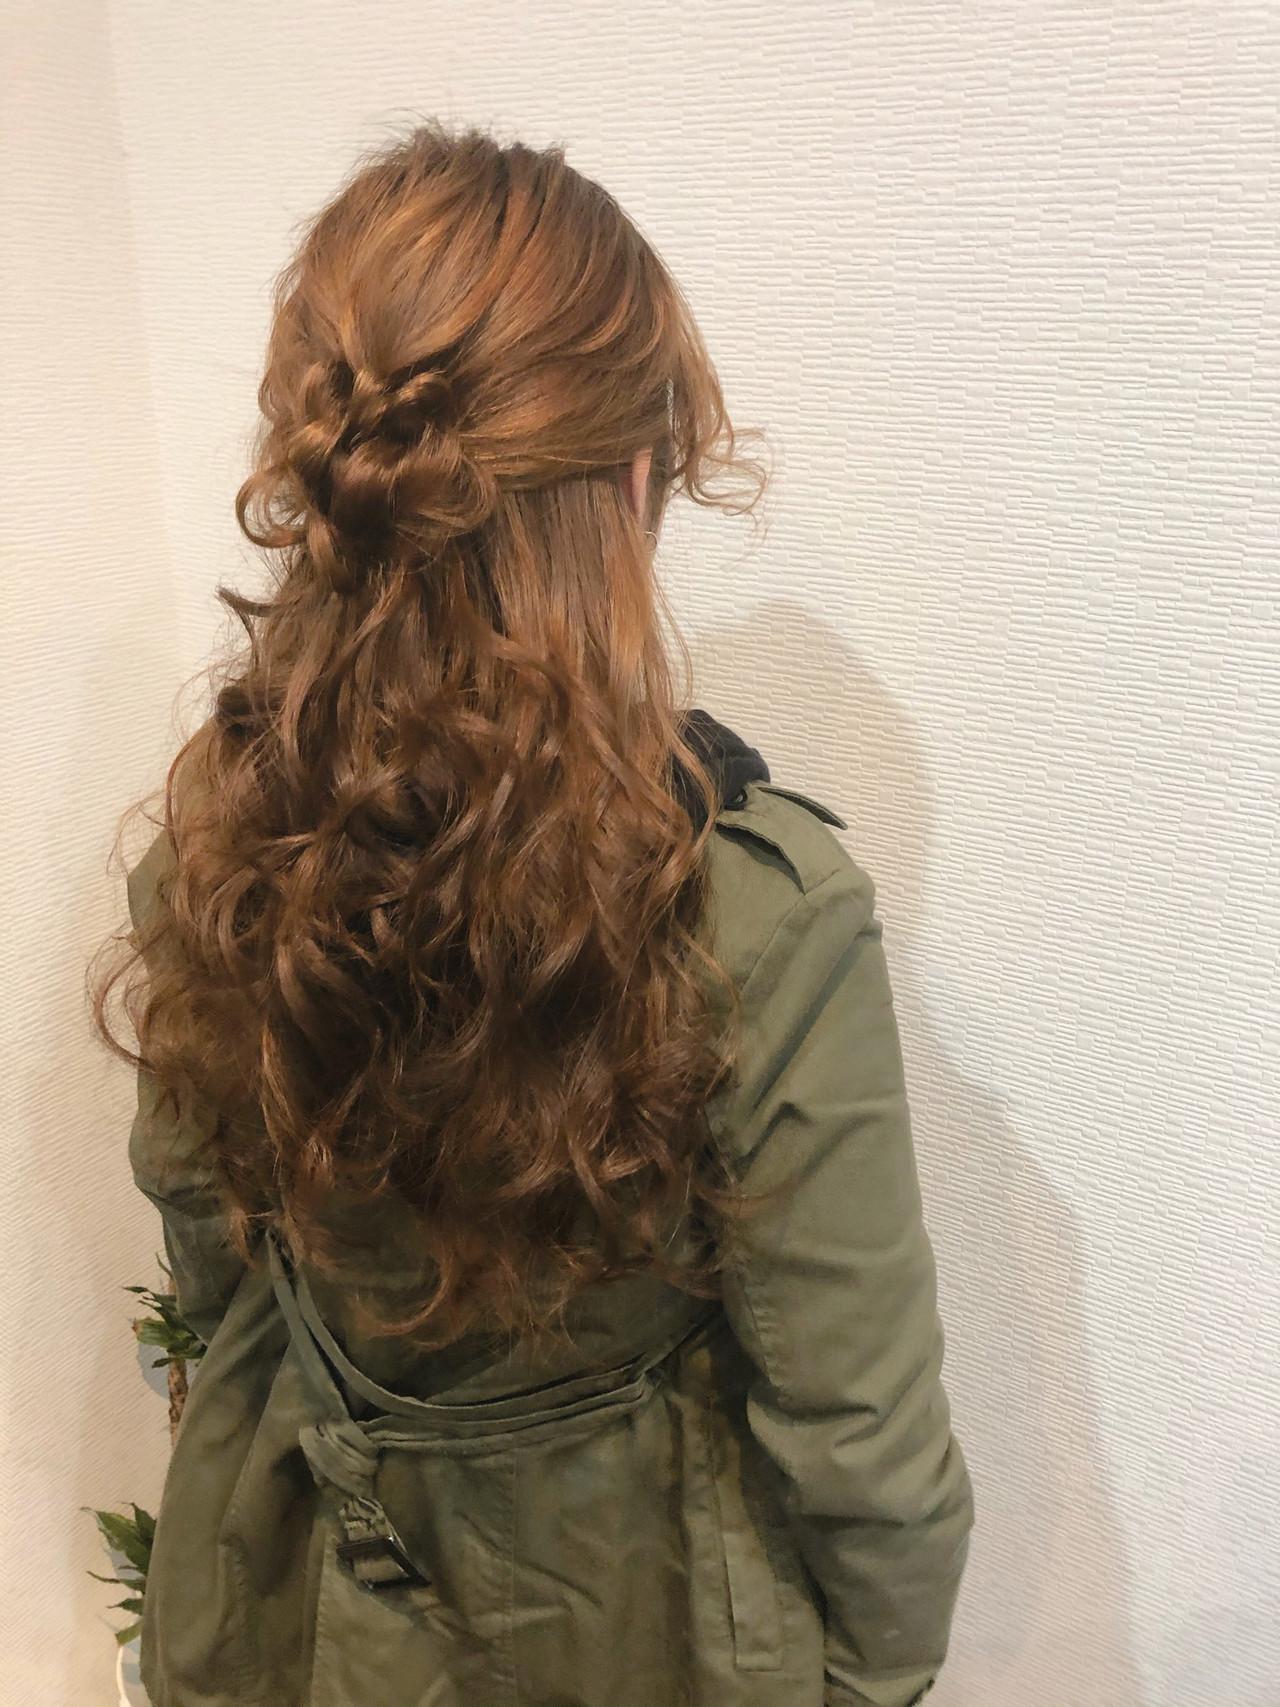 ヘアセット フェミニン ロング お団子アレンジ ヘアスタイルや髪型の写真・画像